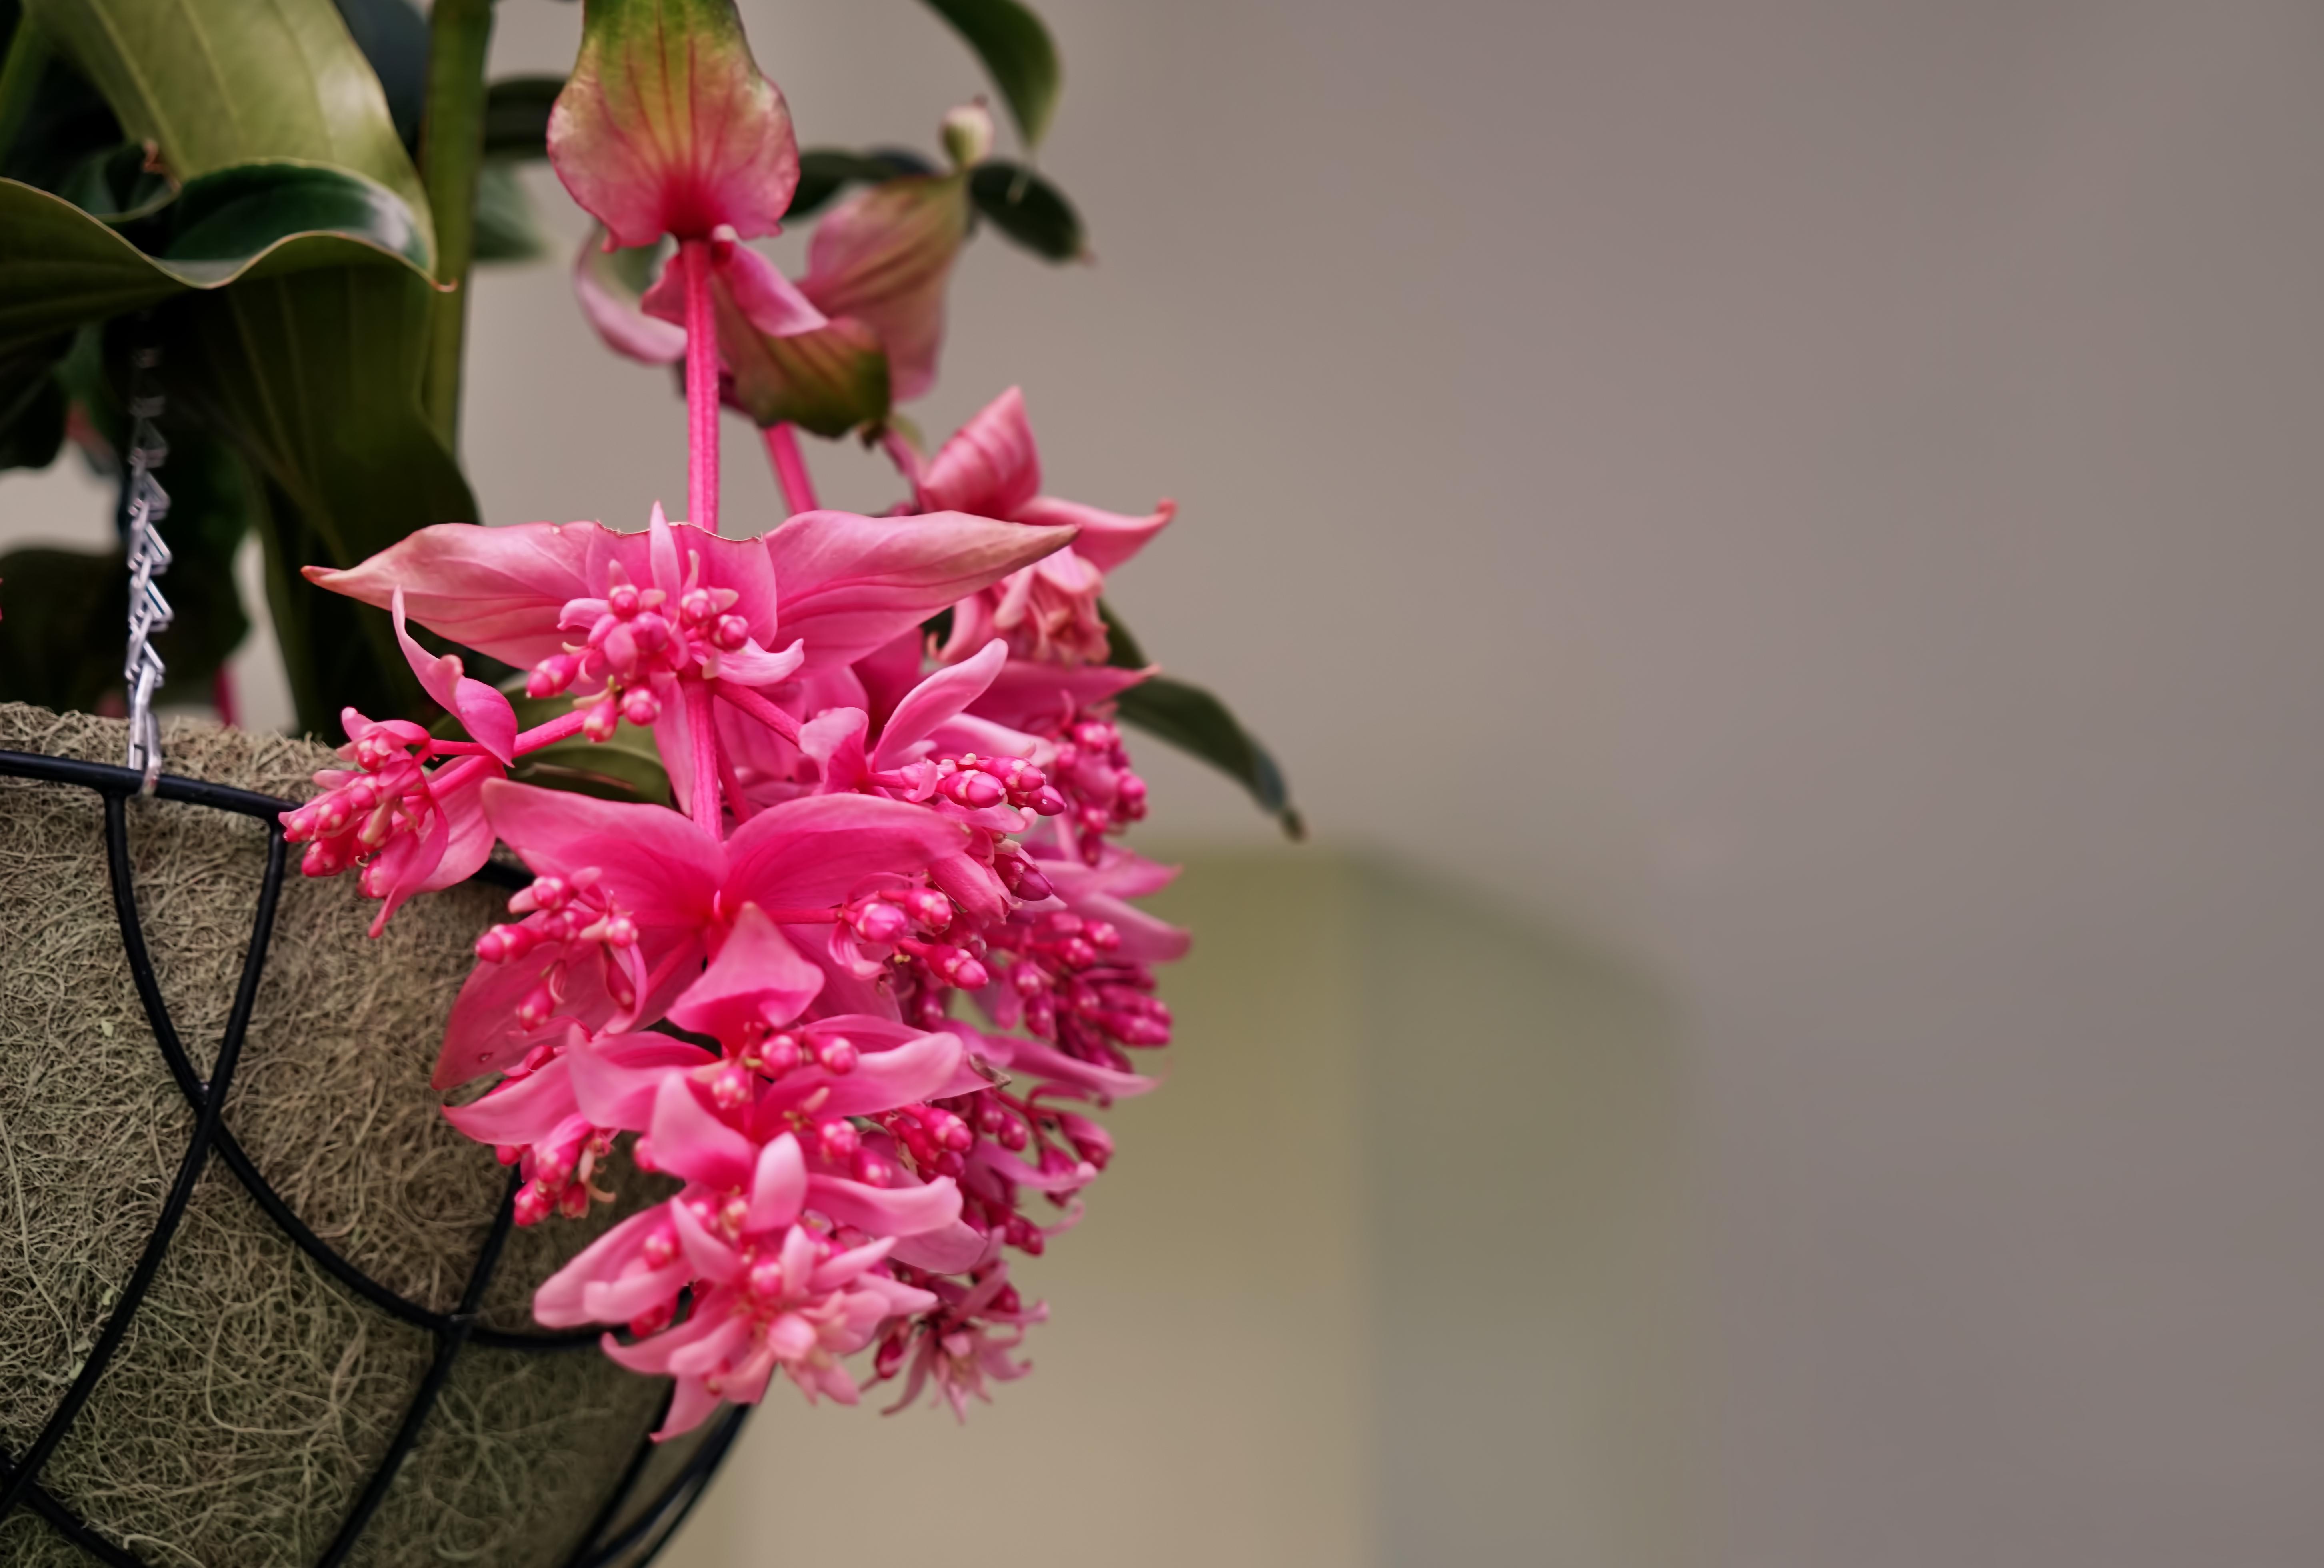 Medinilla, planten top vijf